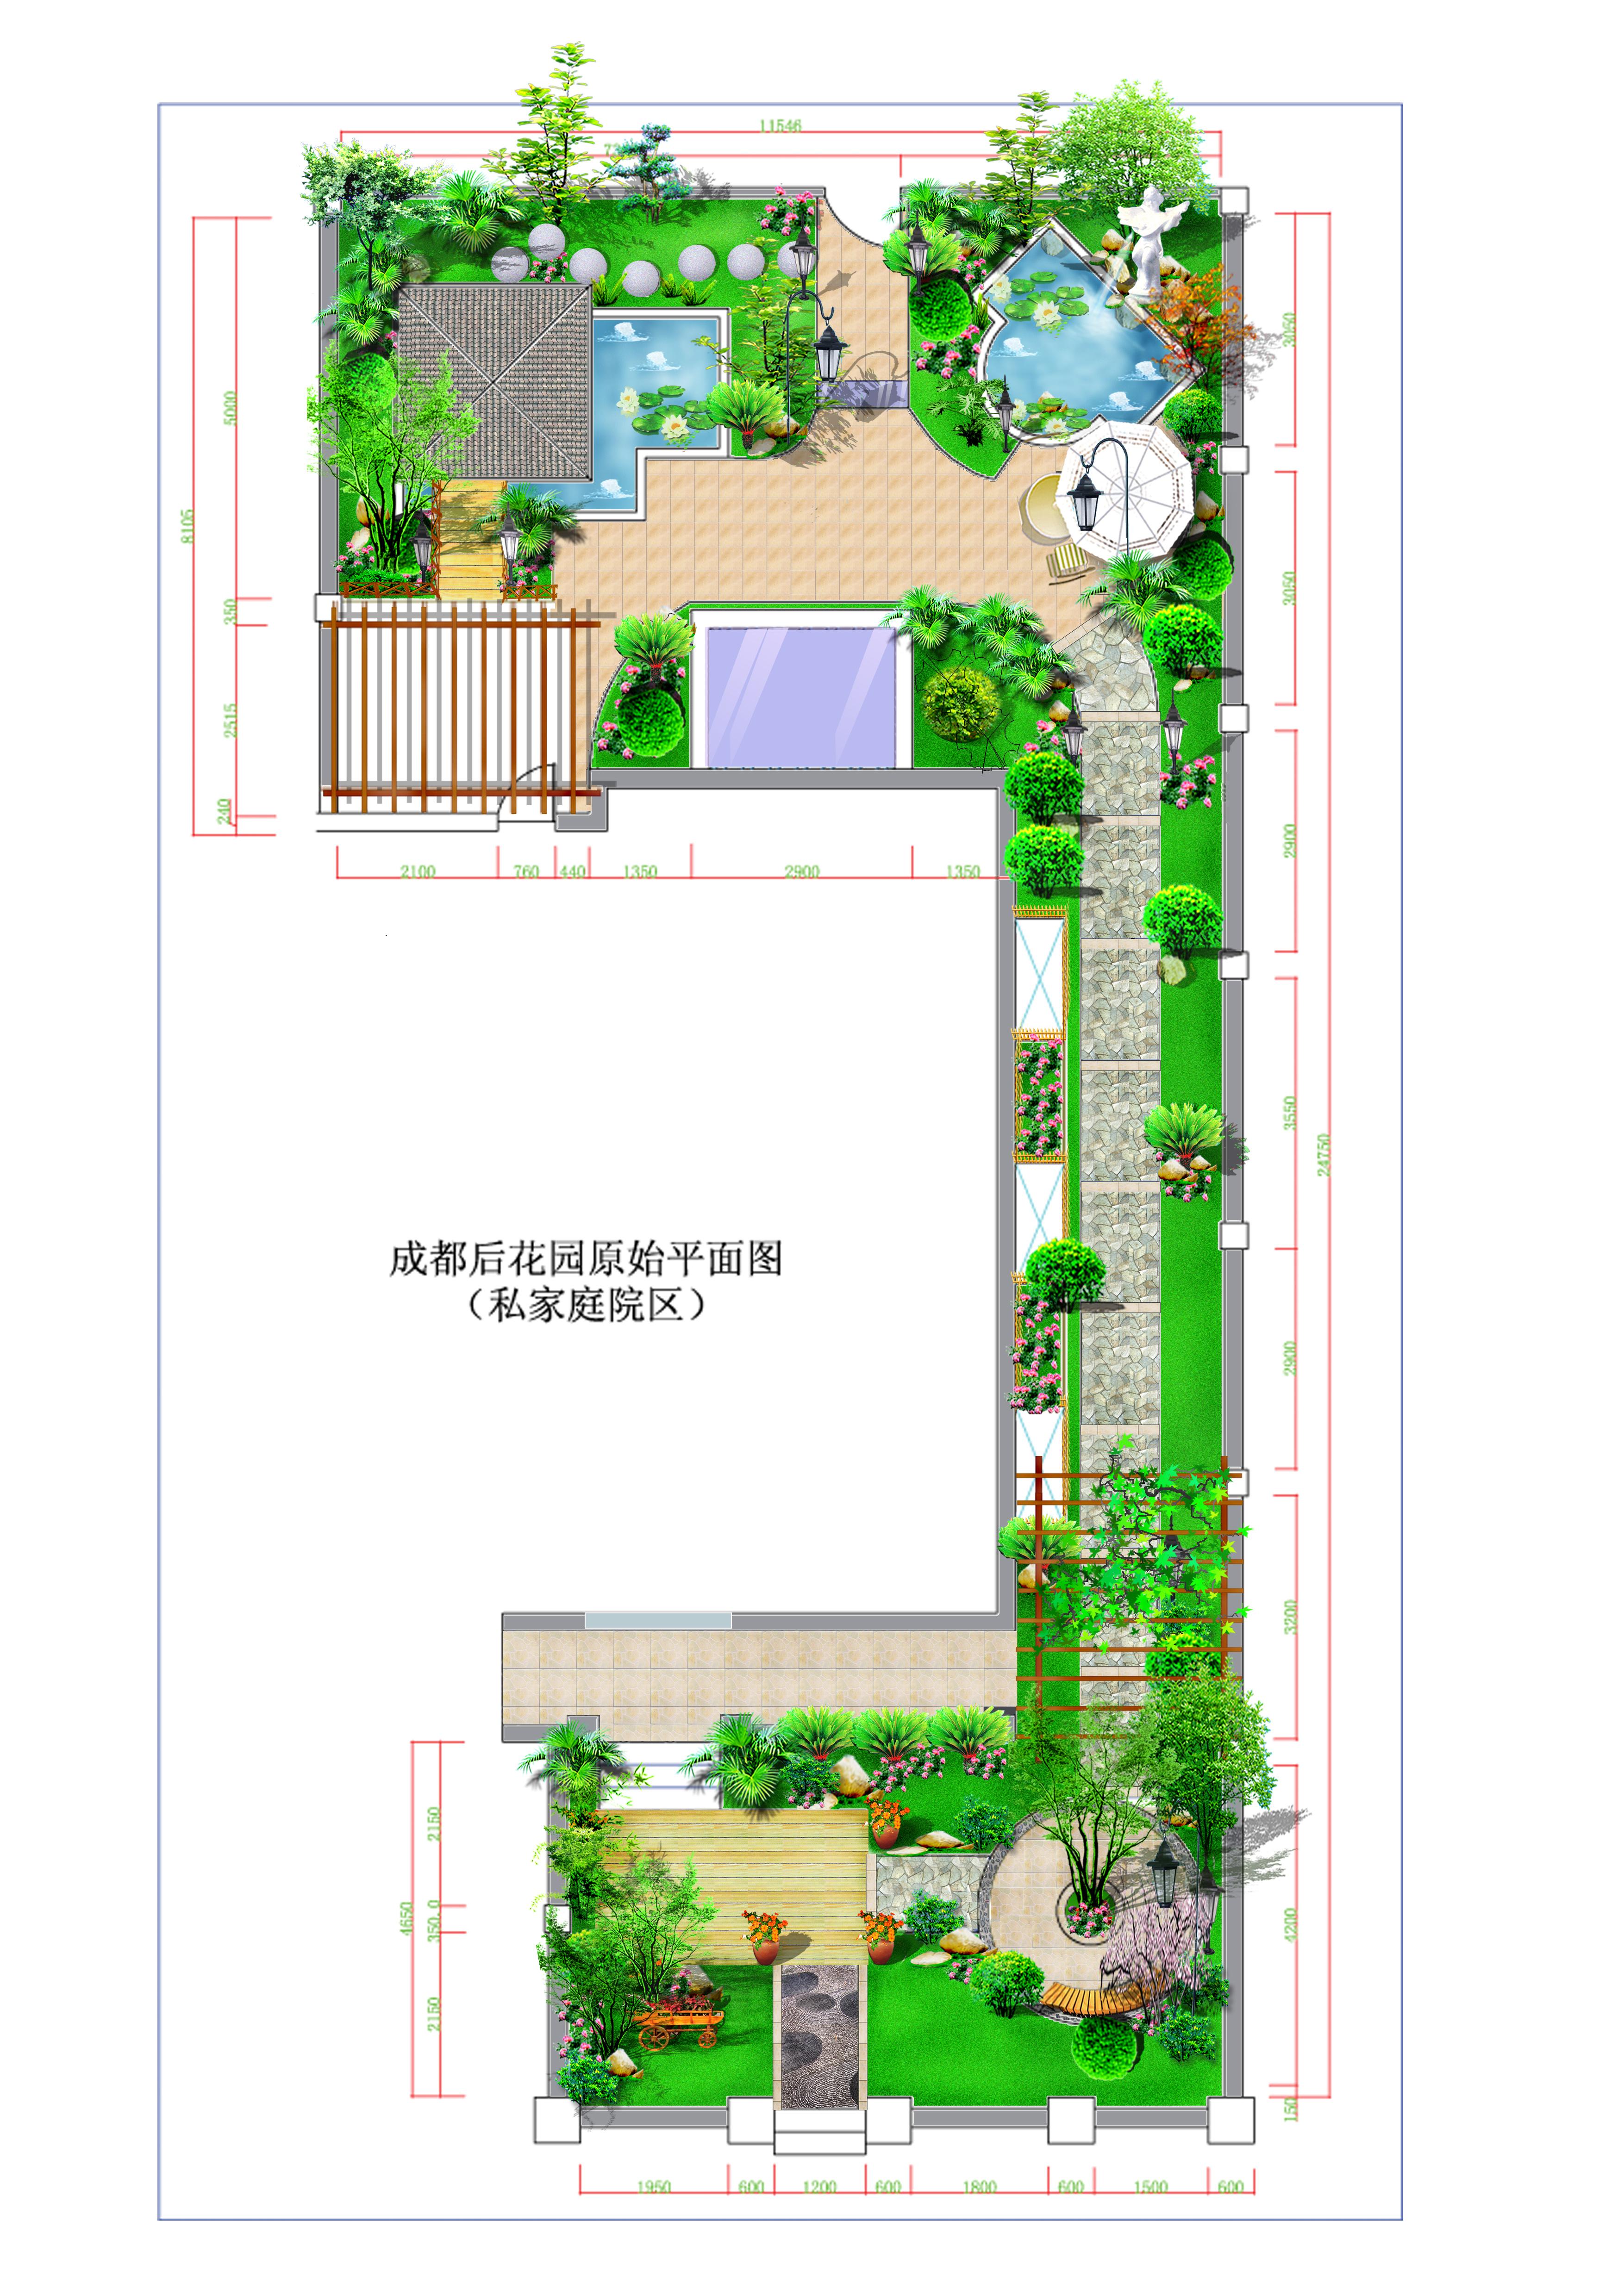 嘉興皇家花園別墅建筑規劃及景觀設計 景觀規劃設計 成都后花園別墅